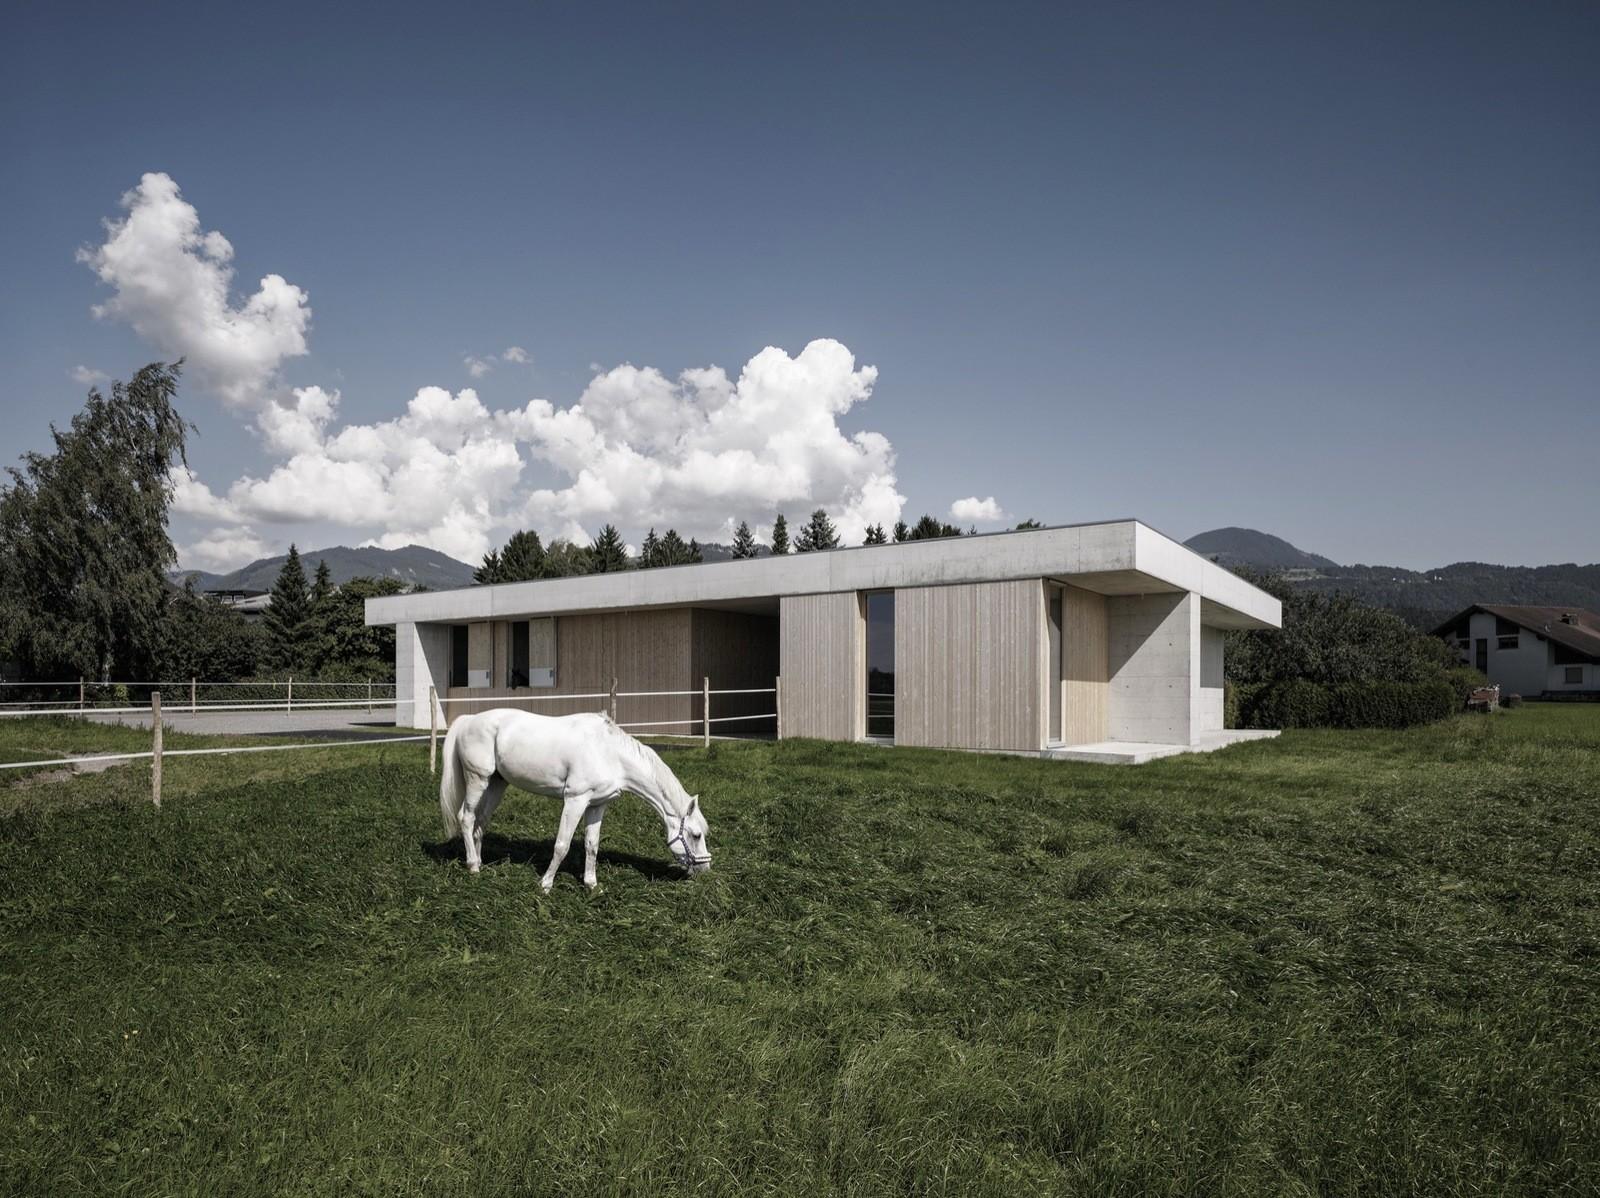 Ветеринарная лечебница для лошадей в Австрии